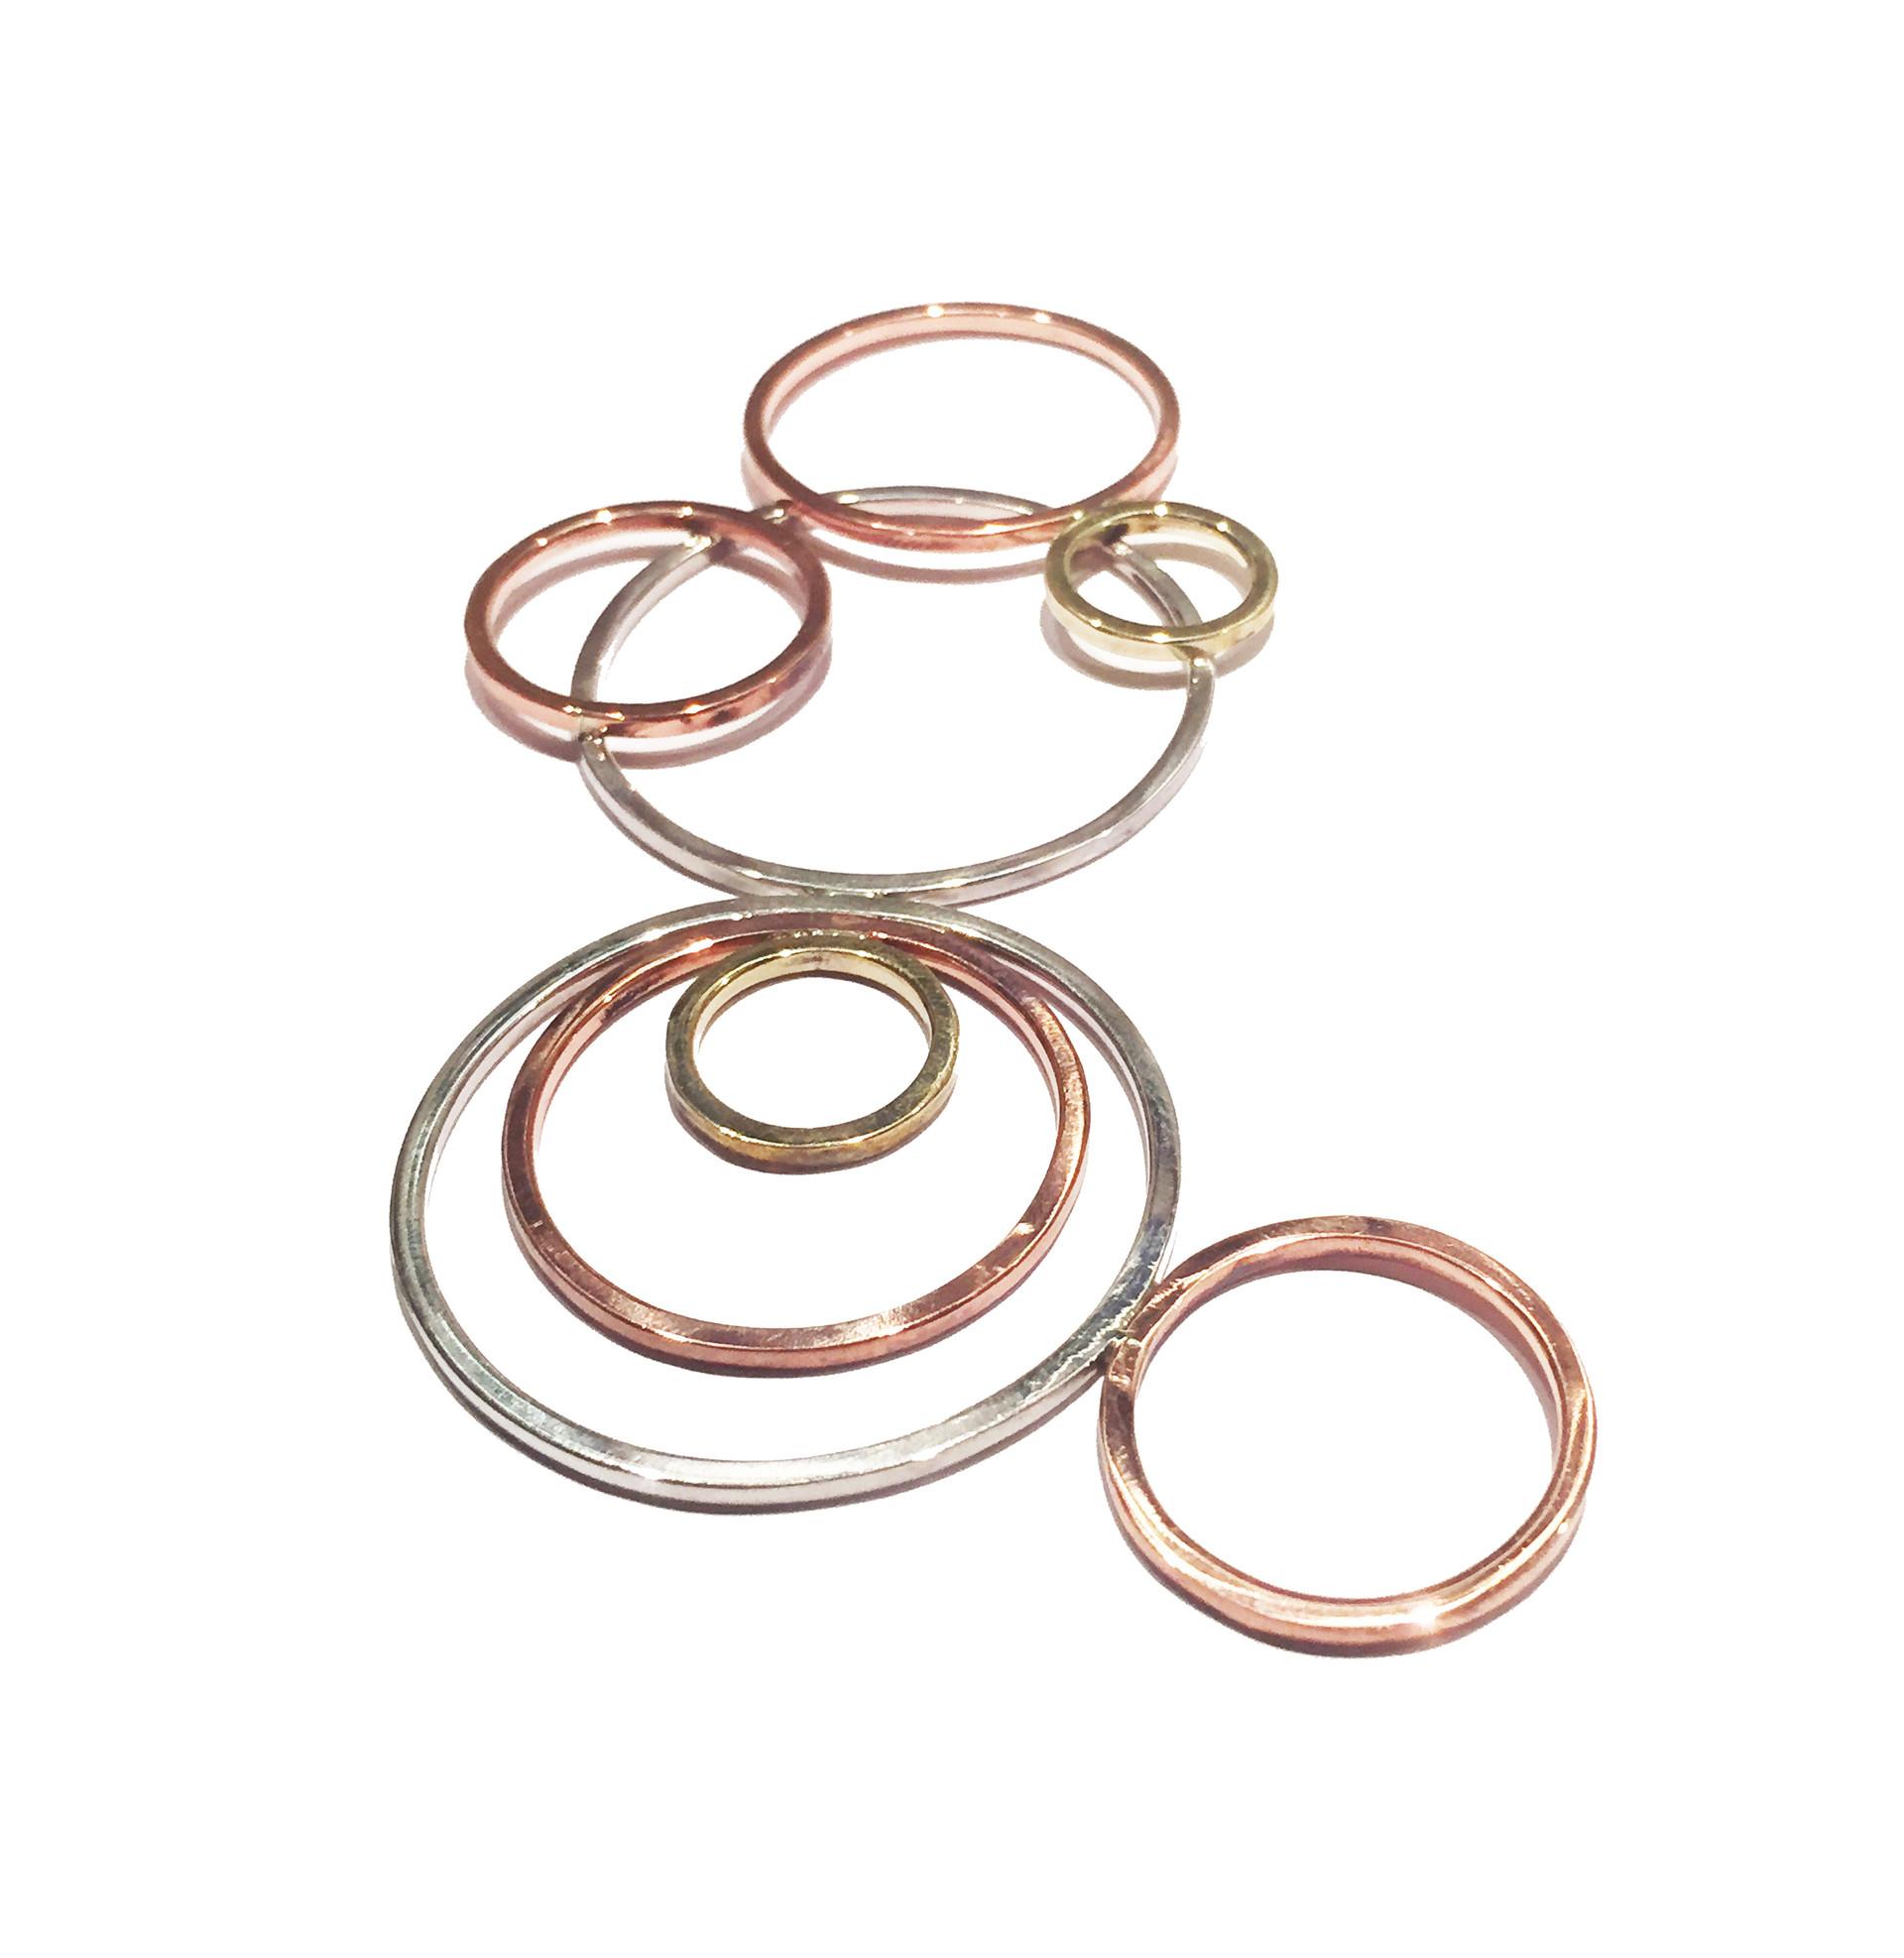 Colar em prata 950, cobre e latão feito manualmente. Joalheria contemporânea.